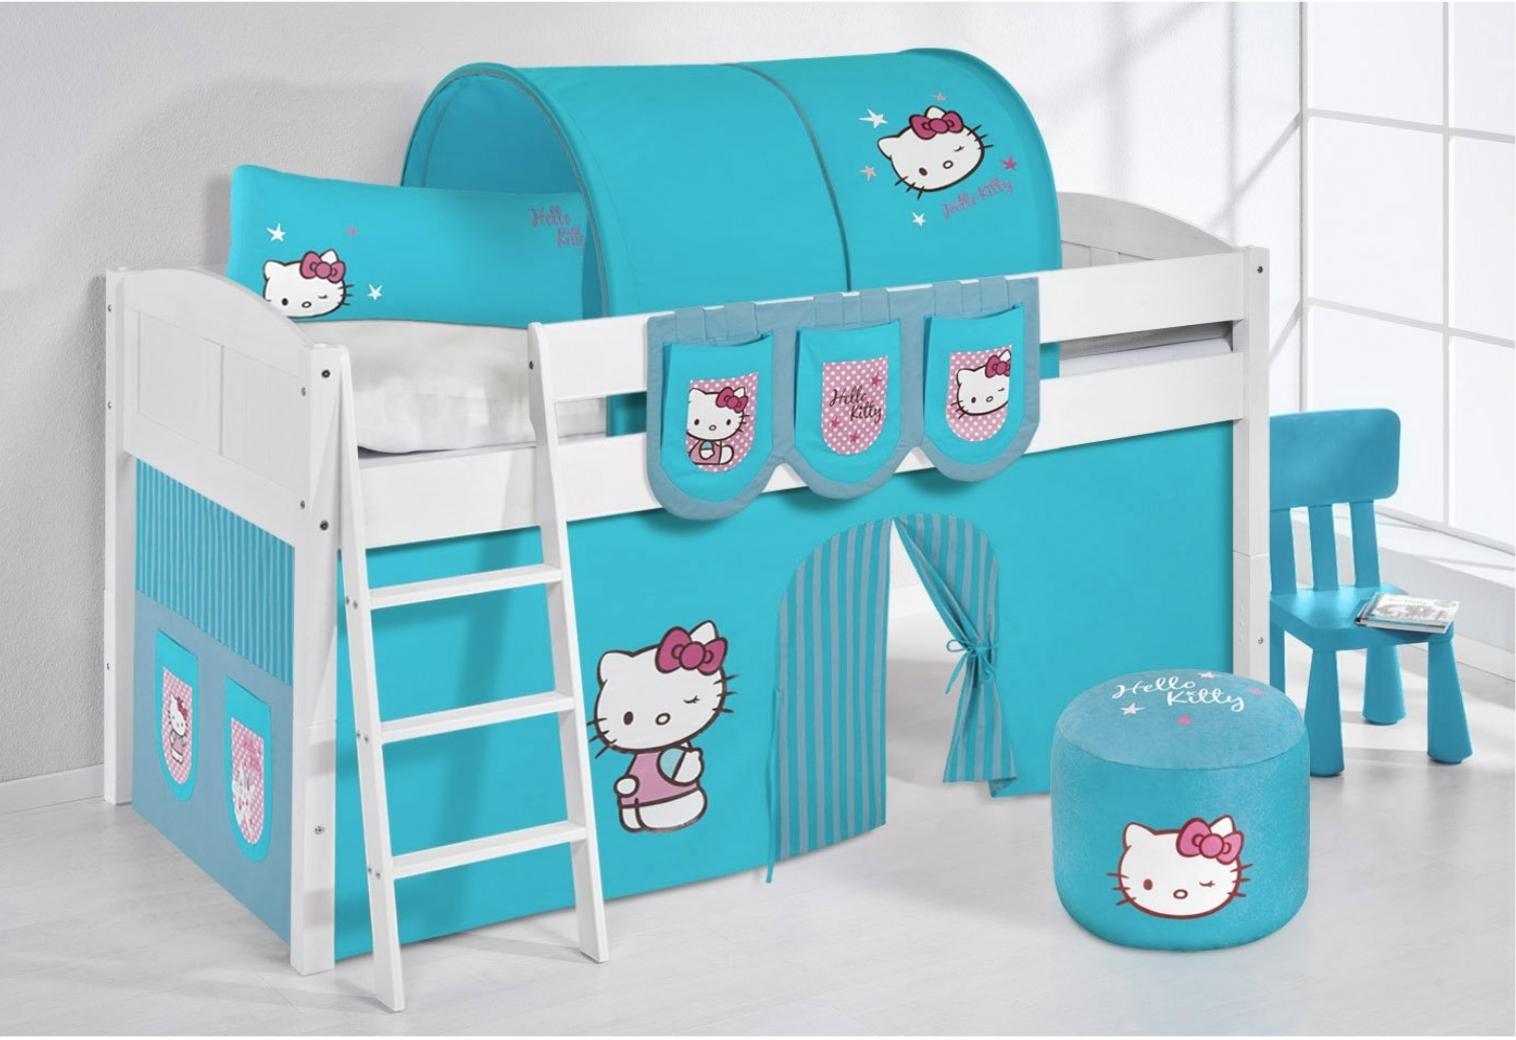 Lit sur lev blanc laqu rideau hello kitty turquoise 90x200cm sommier sans sommier sans - Rideau pour lit sureleve ...